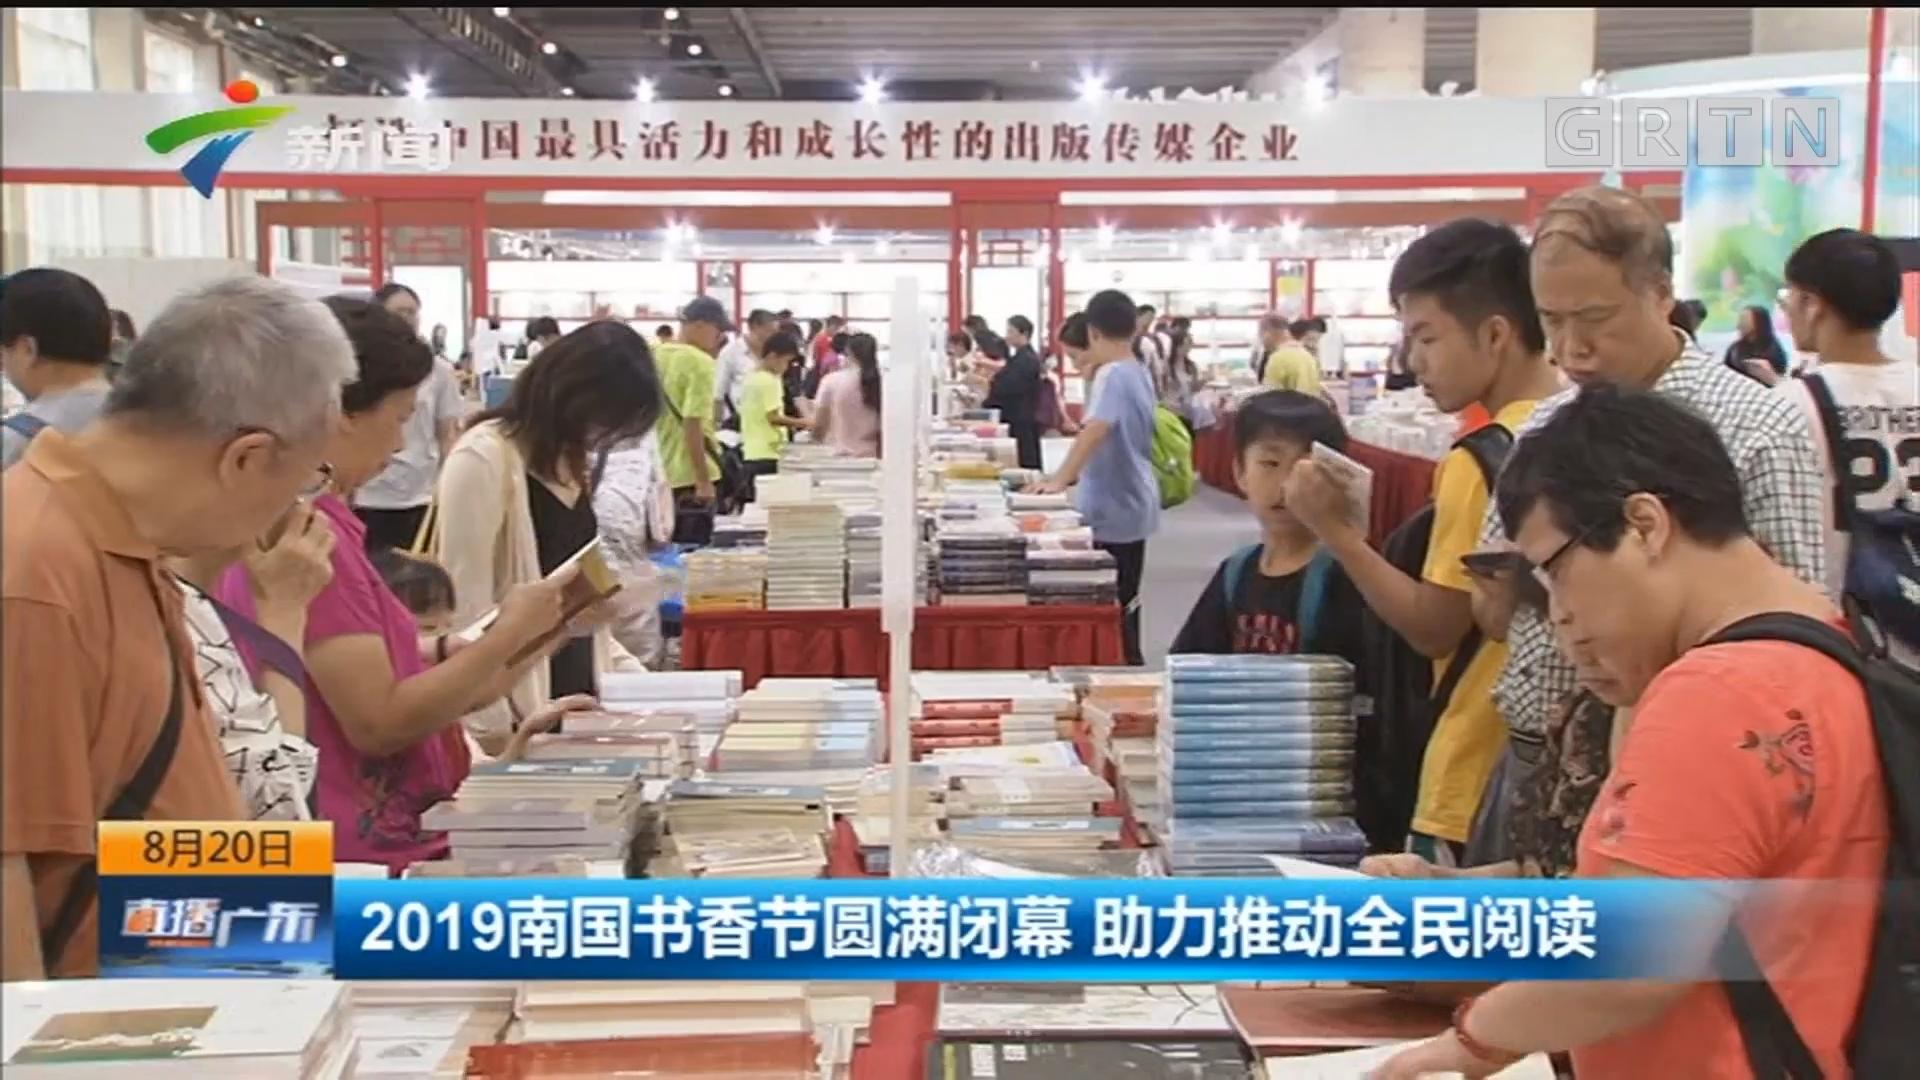 2019南国书香节圆满闭幕 助力推动全民阅读